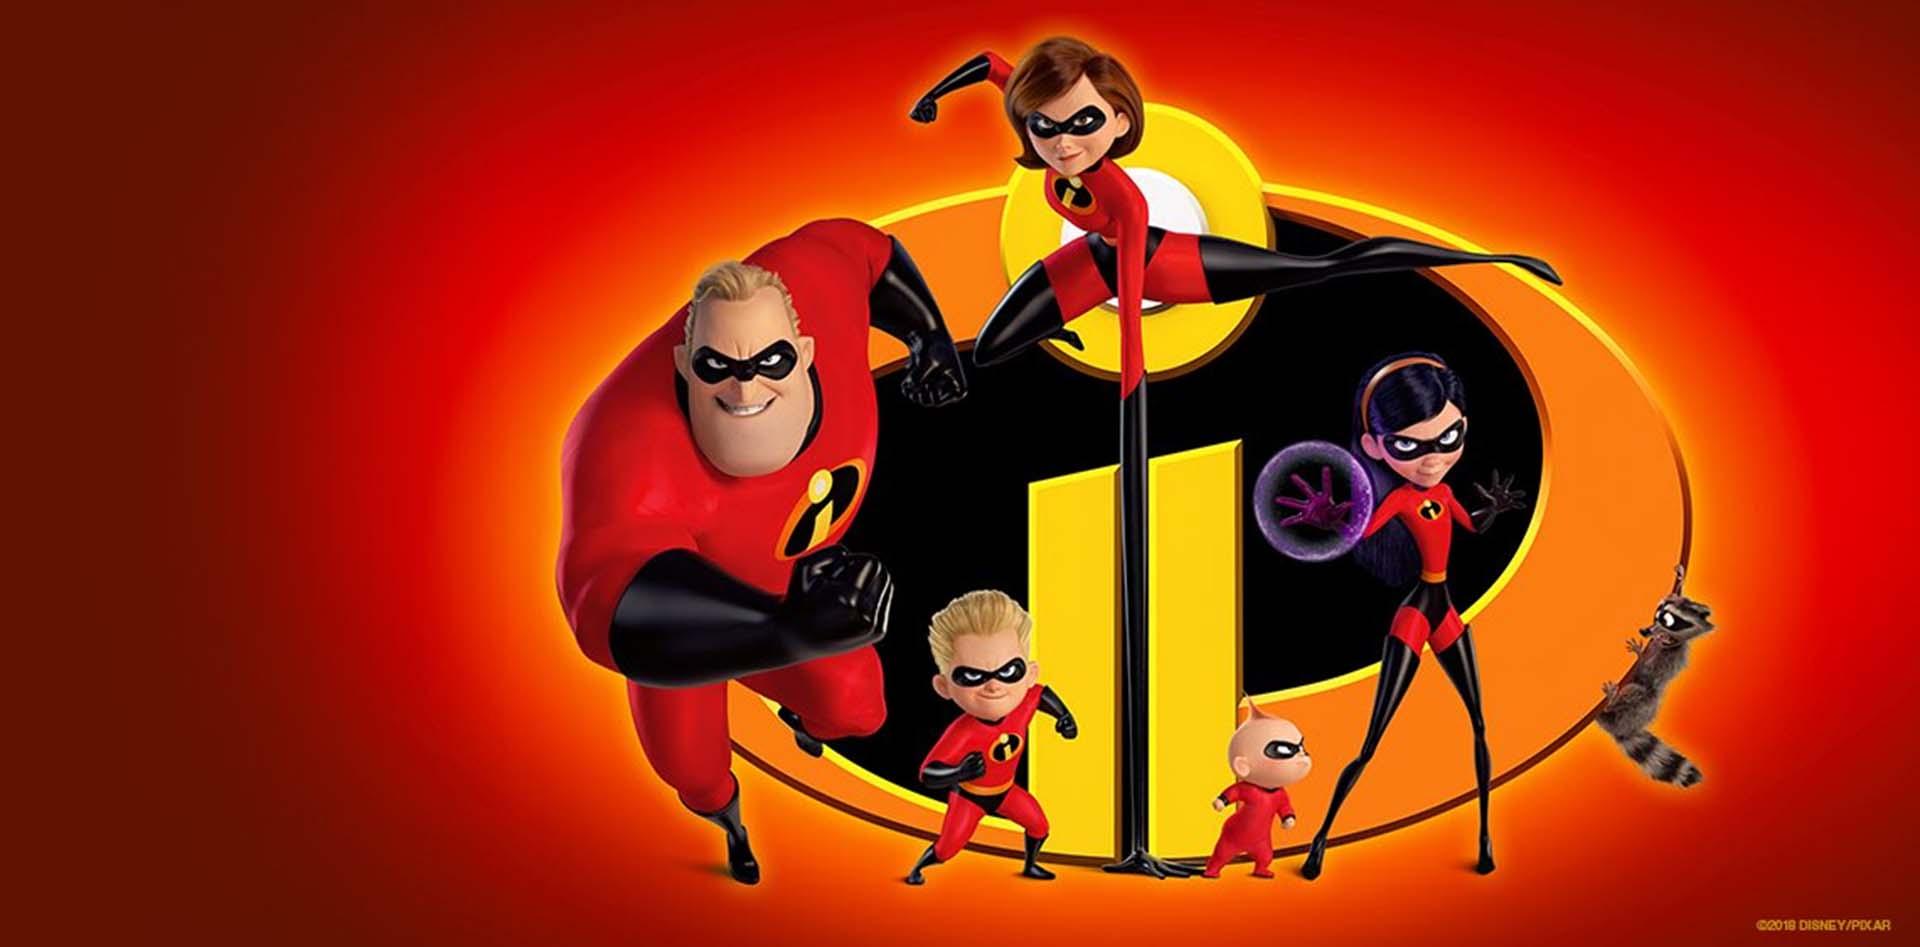 ... Đình Siêu Nhân Incredibles 2 thì hãy nhấn like và share cho bạn bè và  người thân cùng xem nhé. Chúc bạn có những phút giây thư giãn với Ảnh Nền  Đẹp